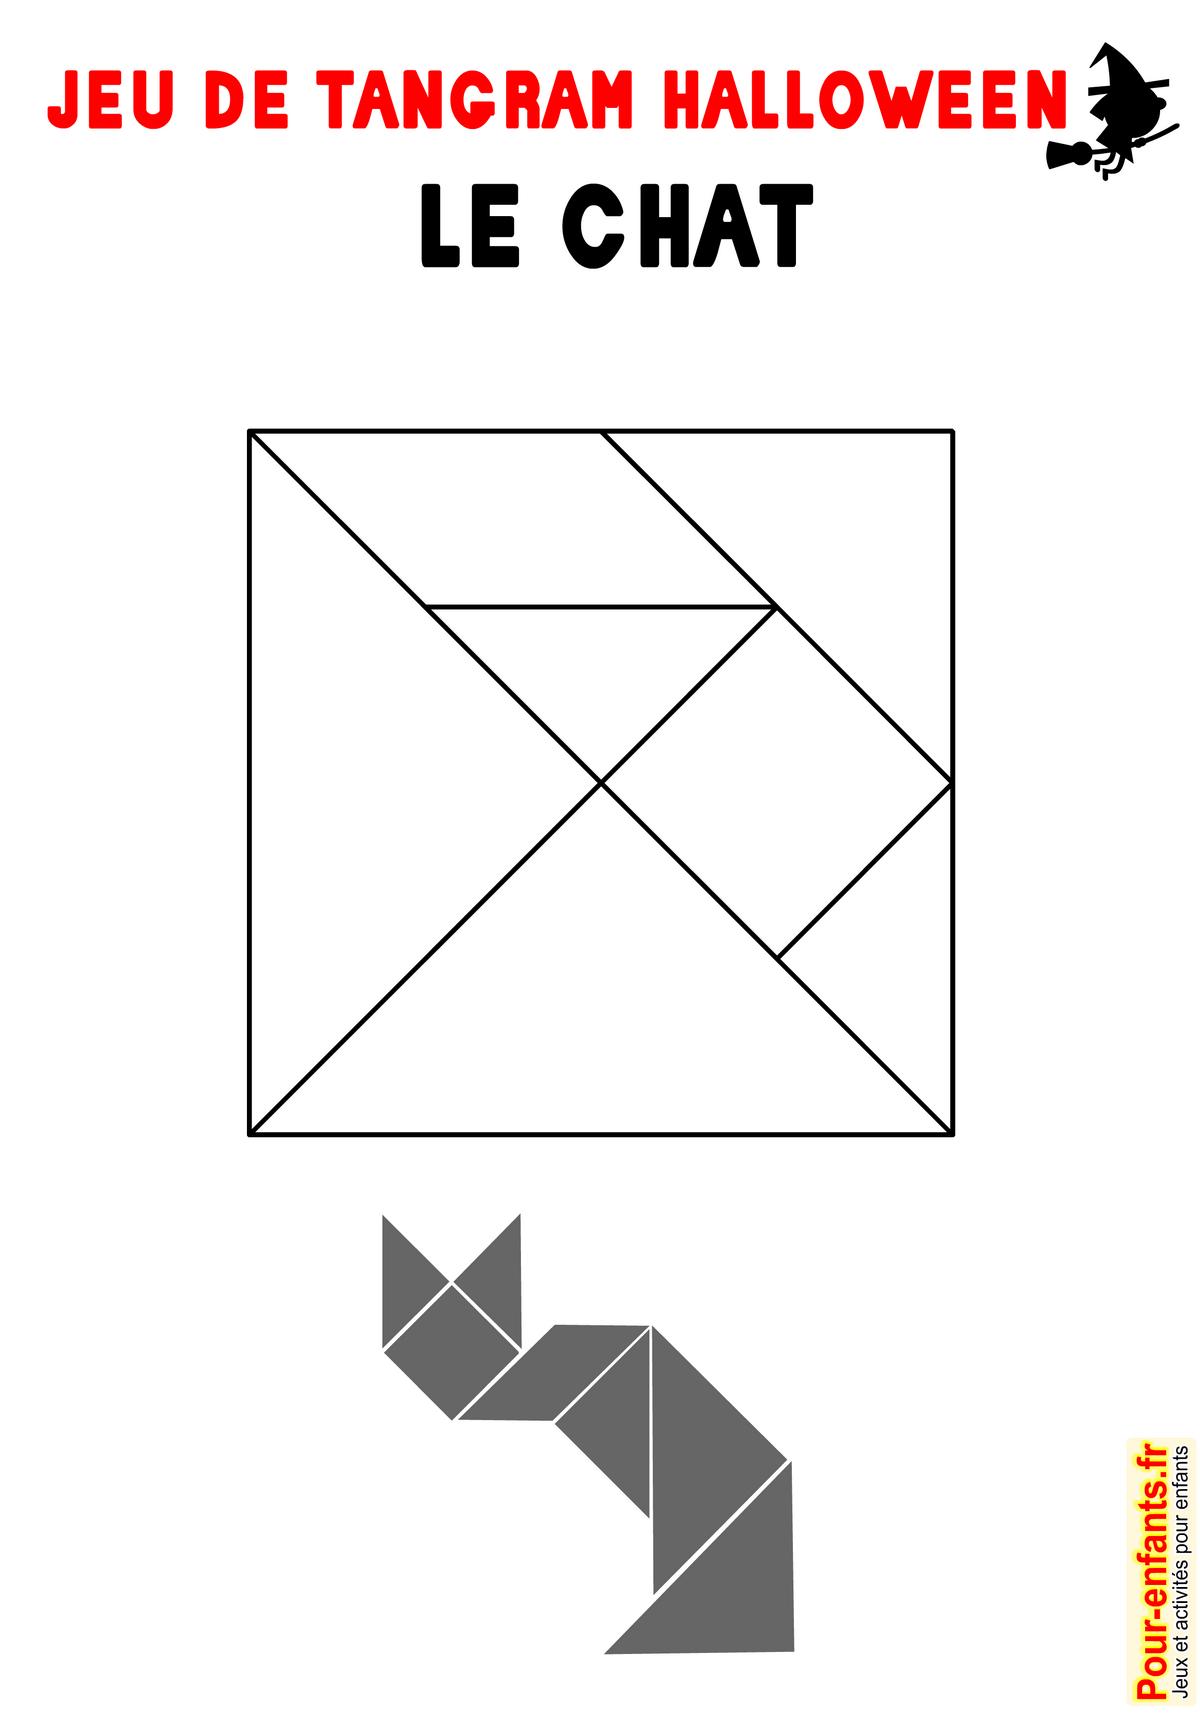 Jeu De Tangram À Imprimer Chat Halloween Imprimable Gratuit destiné Tangram En Maternelle